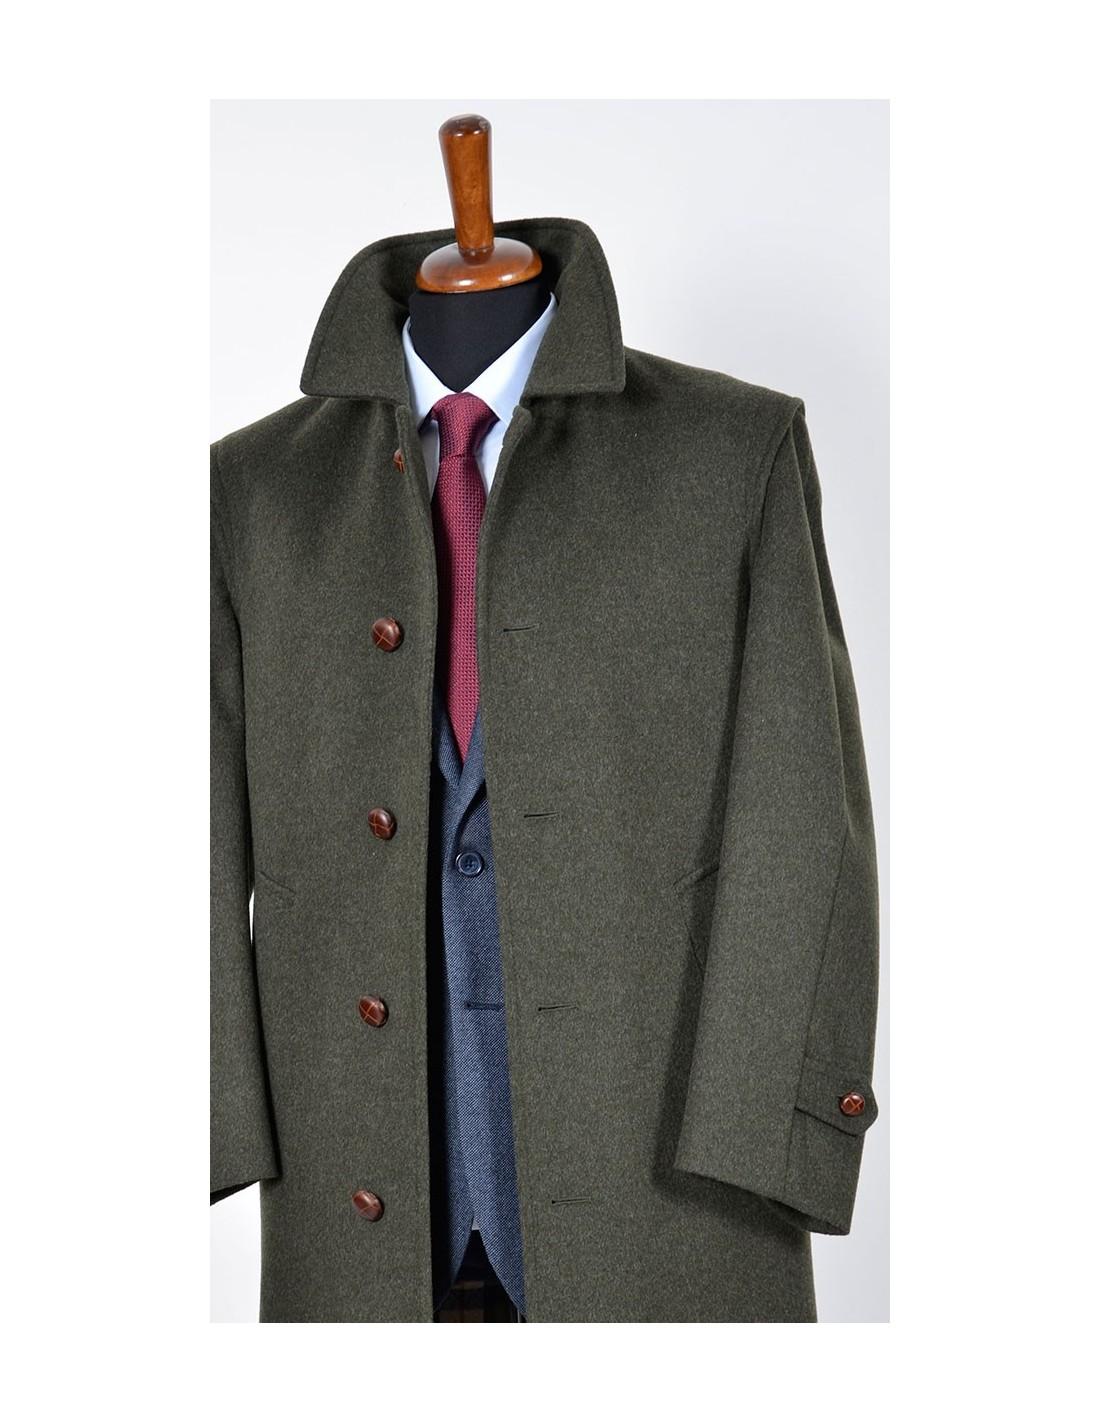 low cost 0b291 94b87 Cappotto Uomo Loden Verde - Gente & Moda